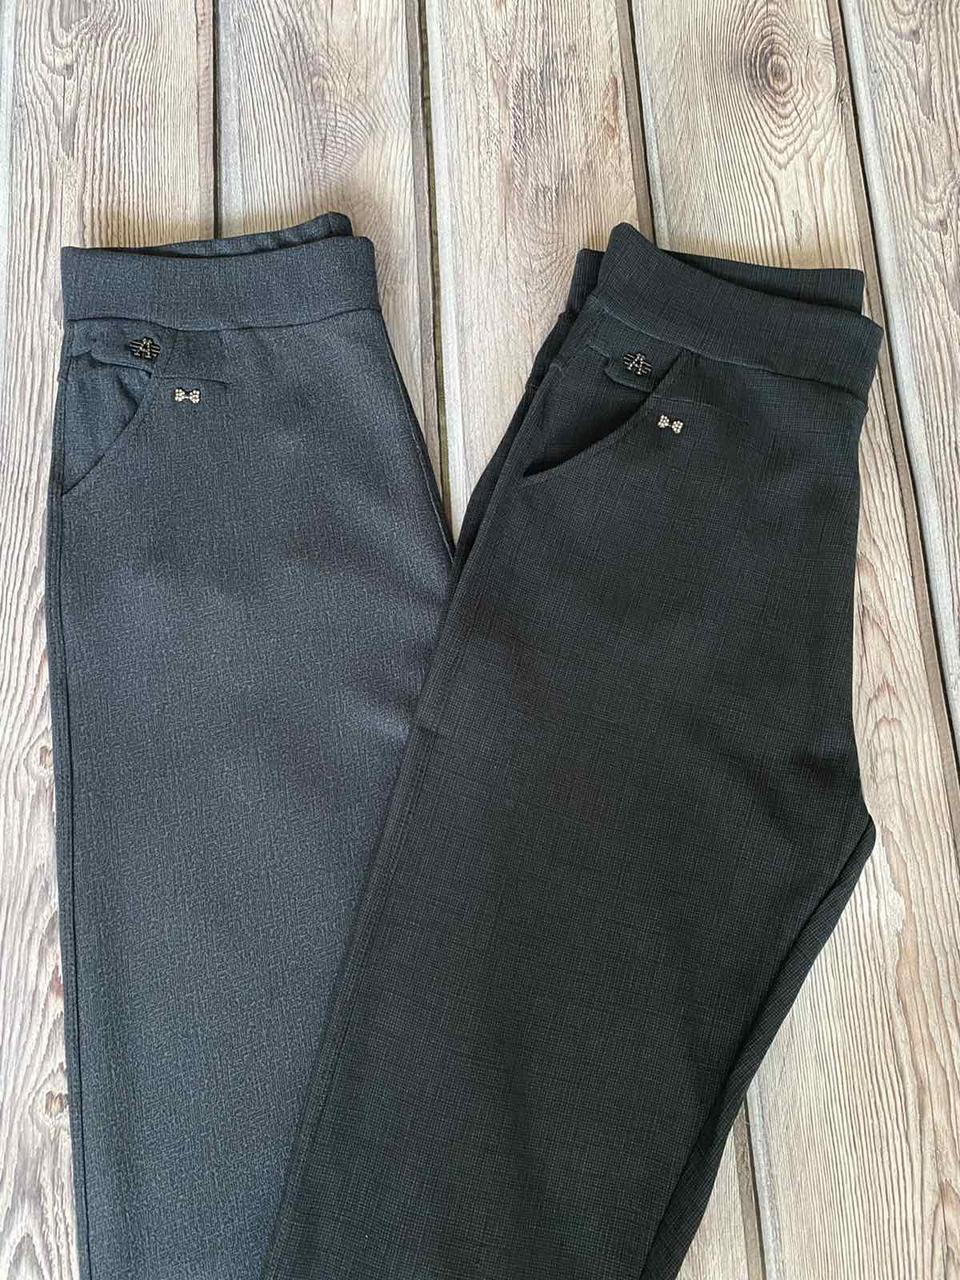 Штани жіночі класичні чорного і сірого кольору